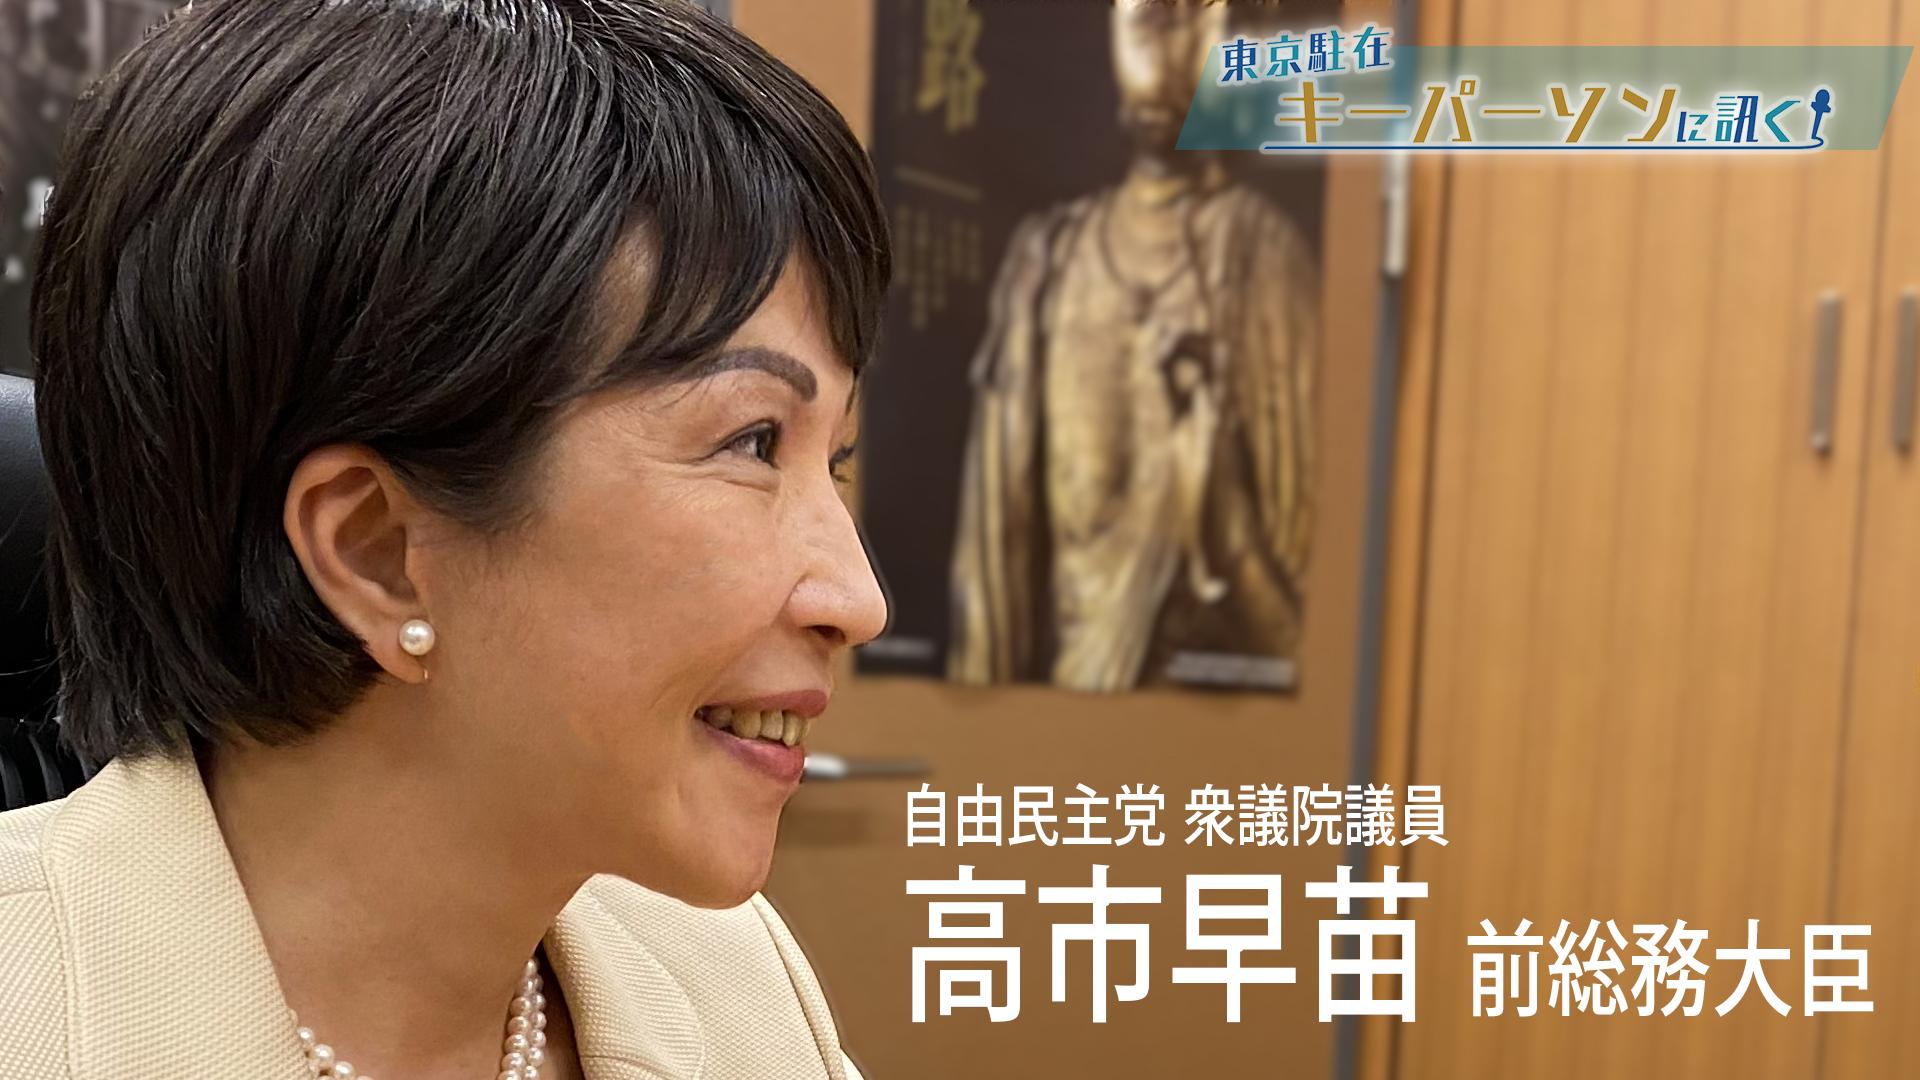 前総務大臣・高市早苗氏に「こだわり政策の背景」を訊く!母親の介護経験、地元での災害経験から「国民の生命を守る新施策」を…